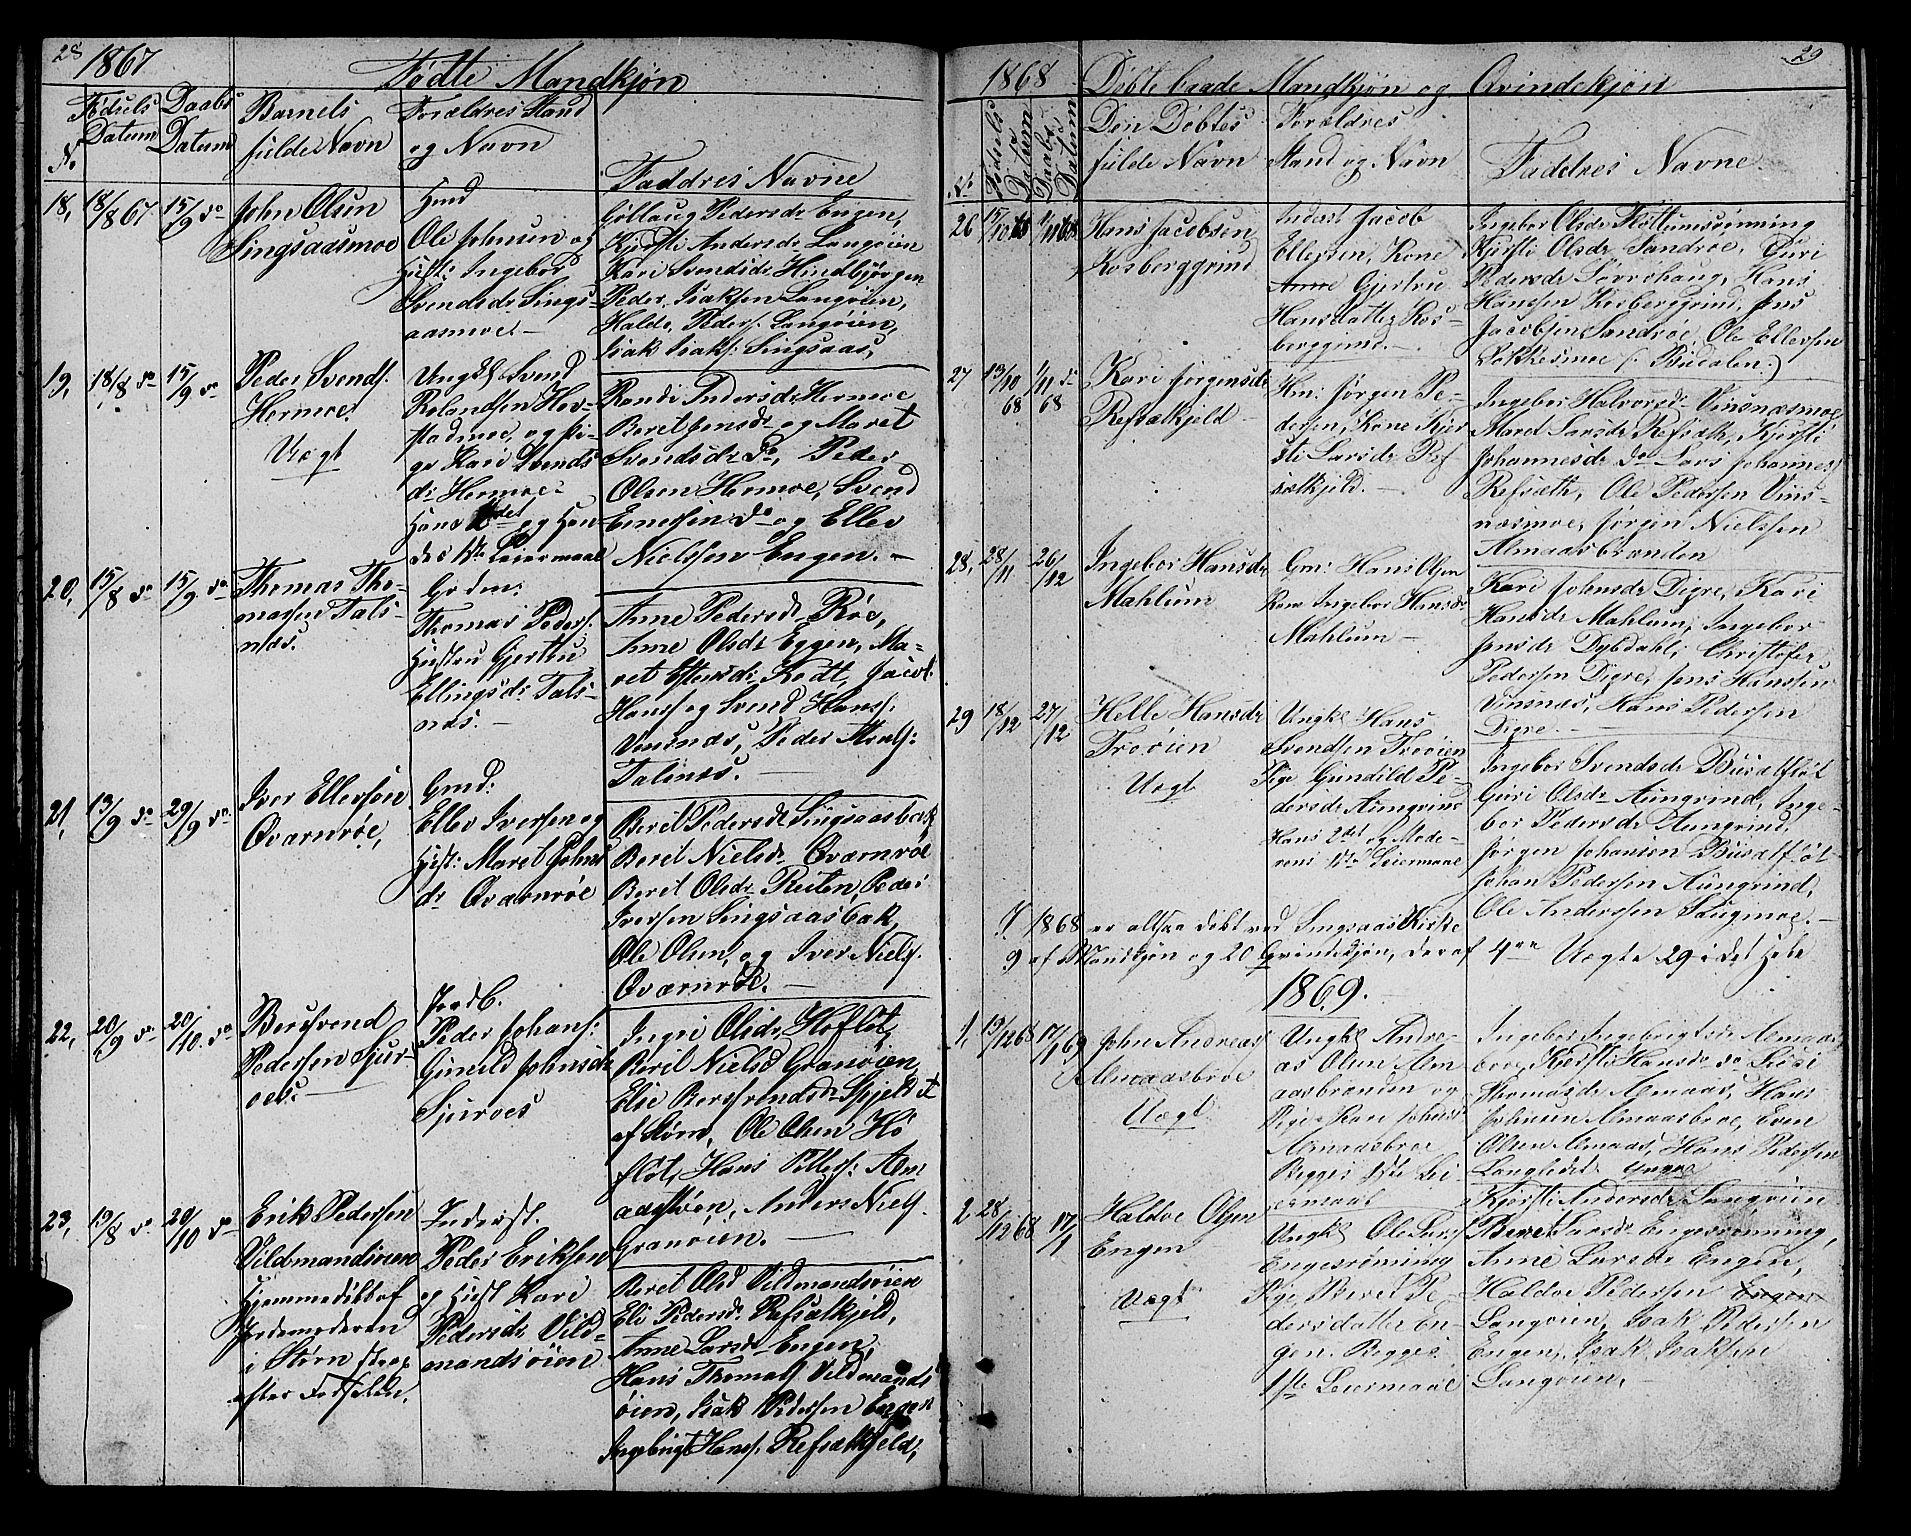 SAT, Ministerialprotokoller, klokkerbøker og fødselsregistre - Sør-Trøndelag, 688/L1027: Klokkerbok nr. 688C02, 1861-1889, s. 28-29